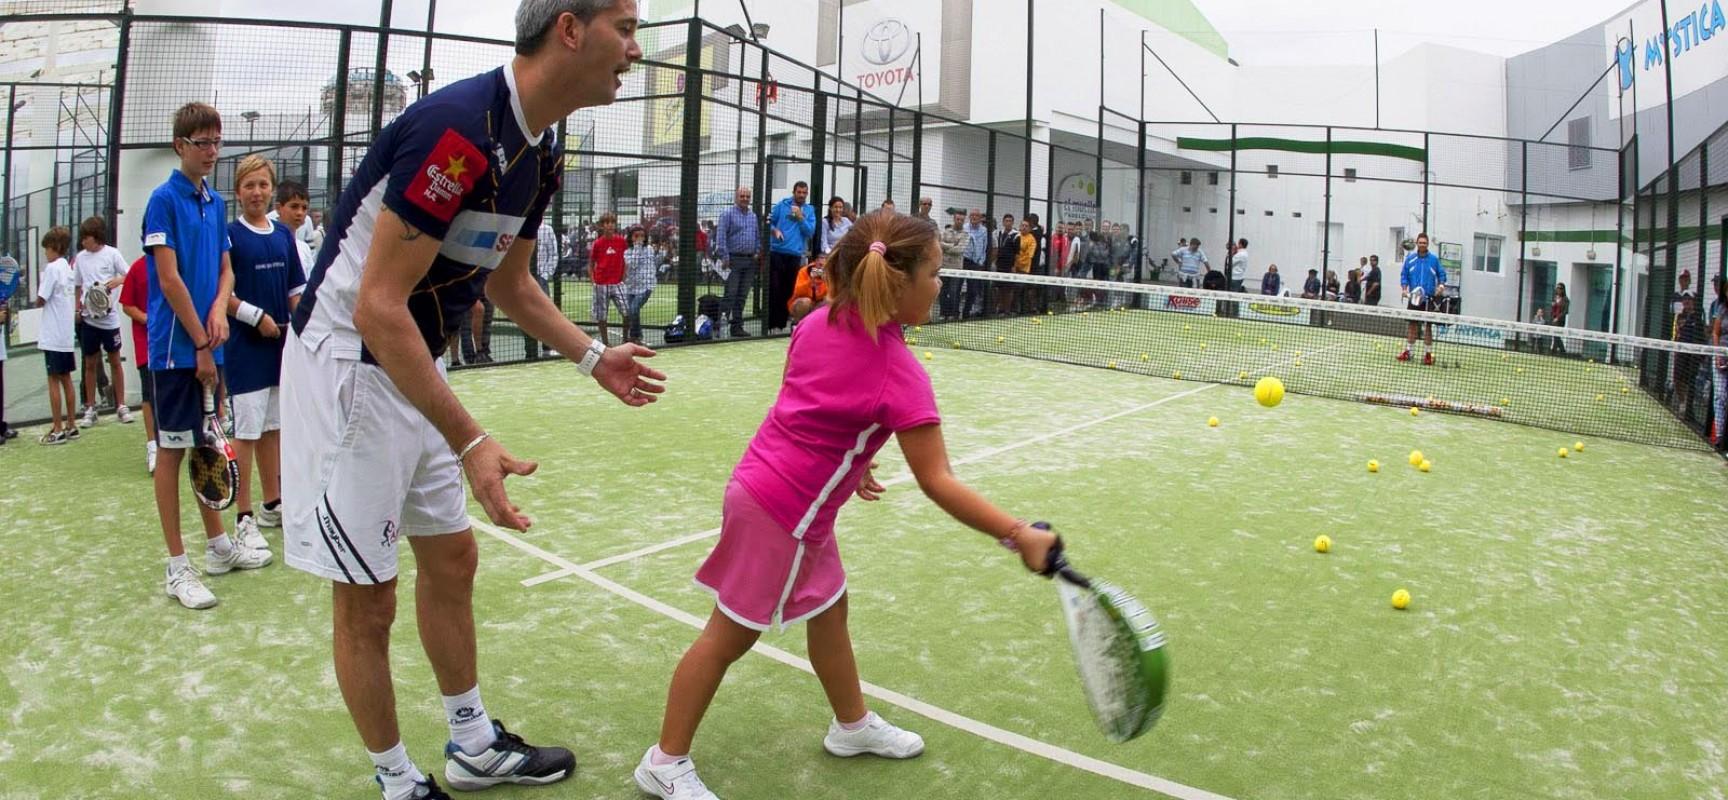 Pádel: Un deporte completo para los más pequeños